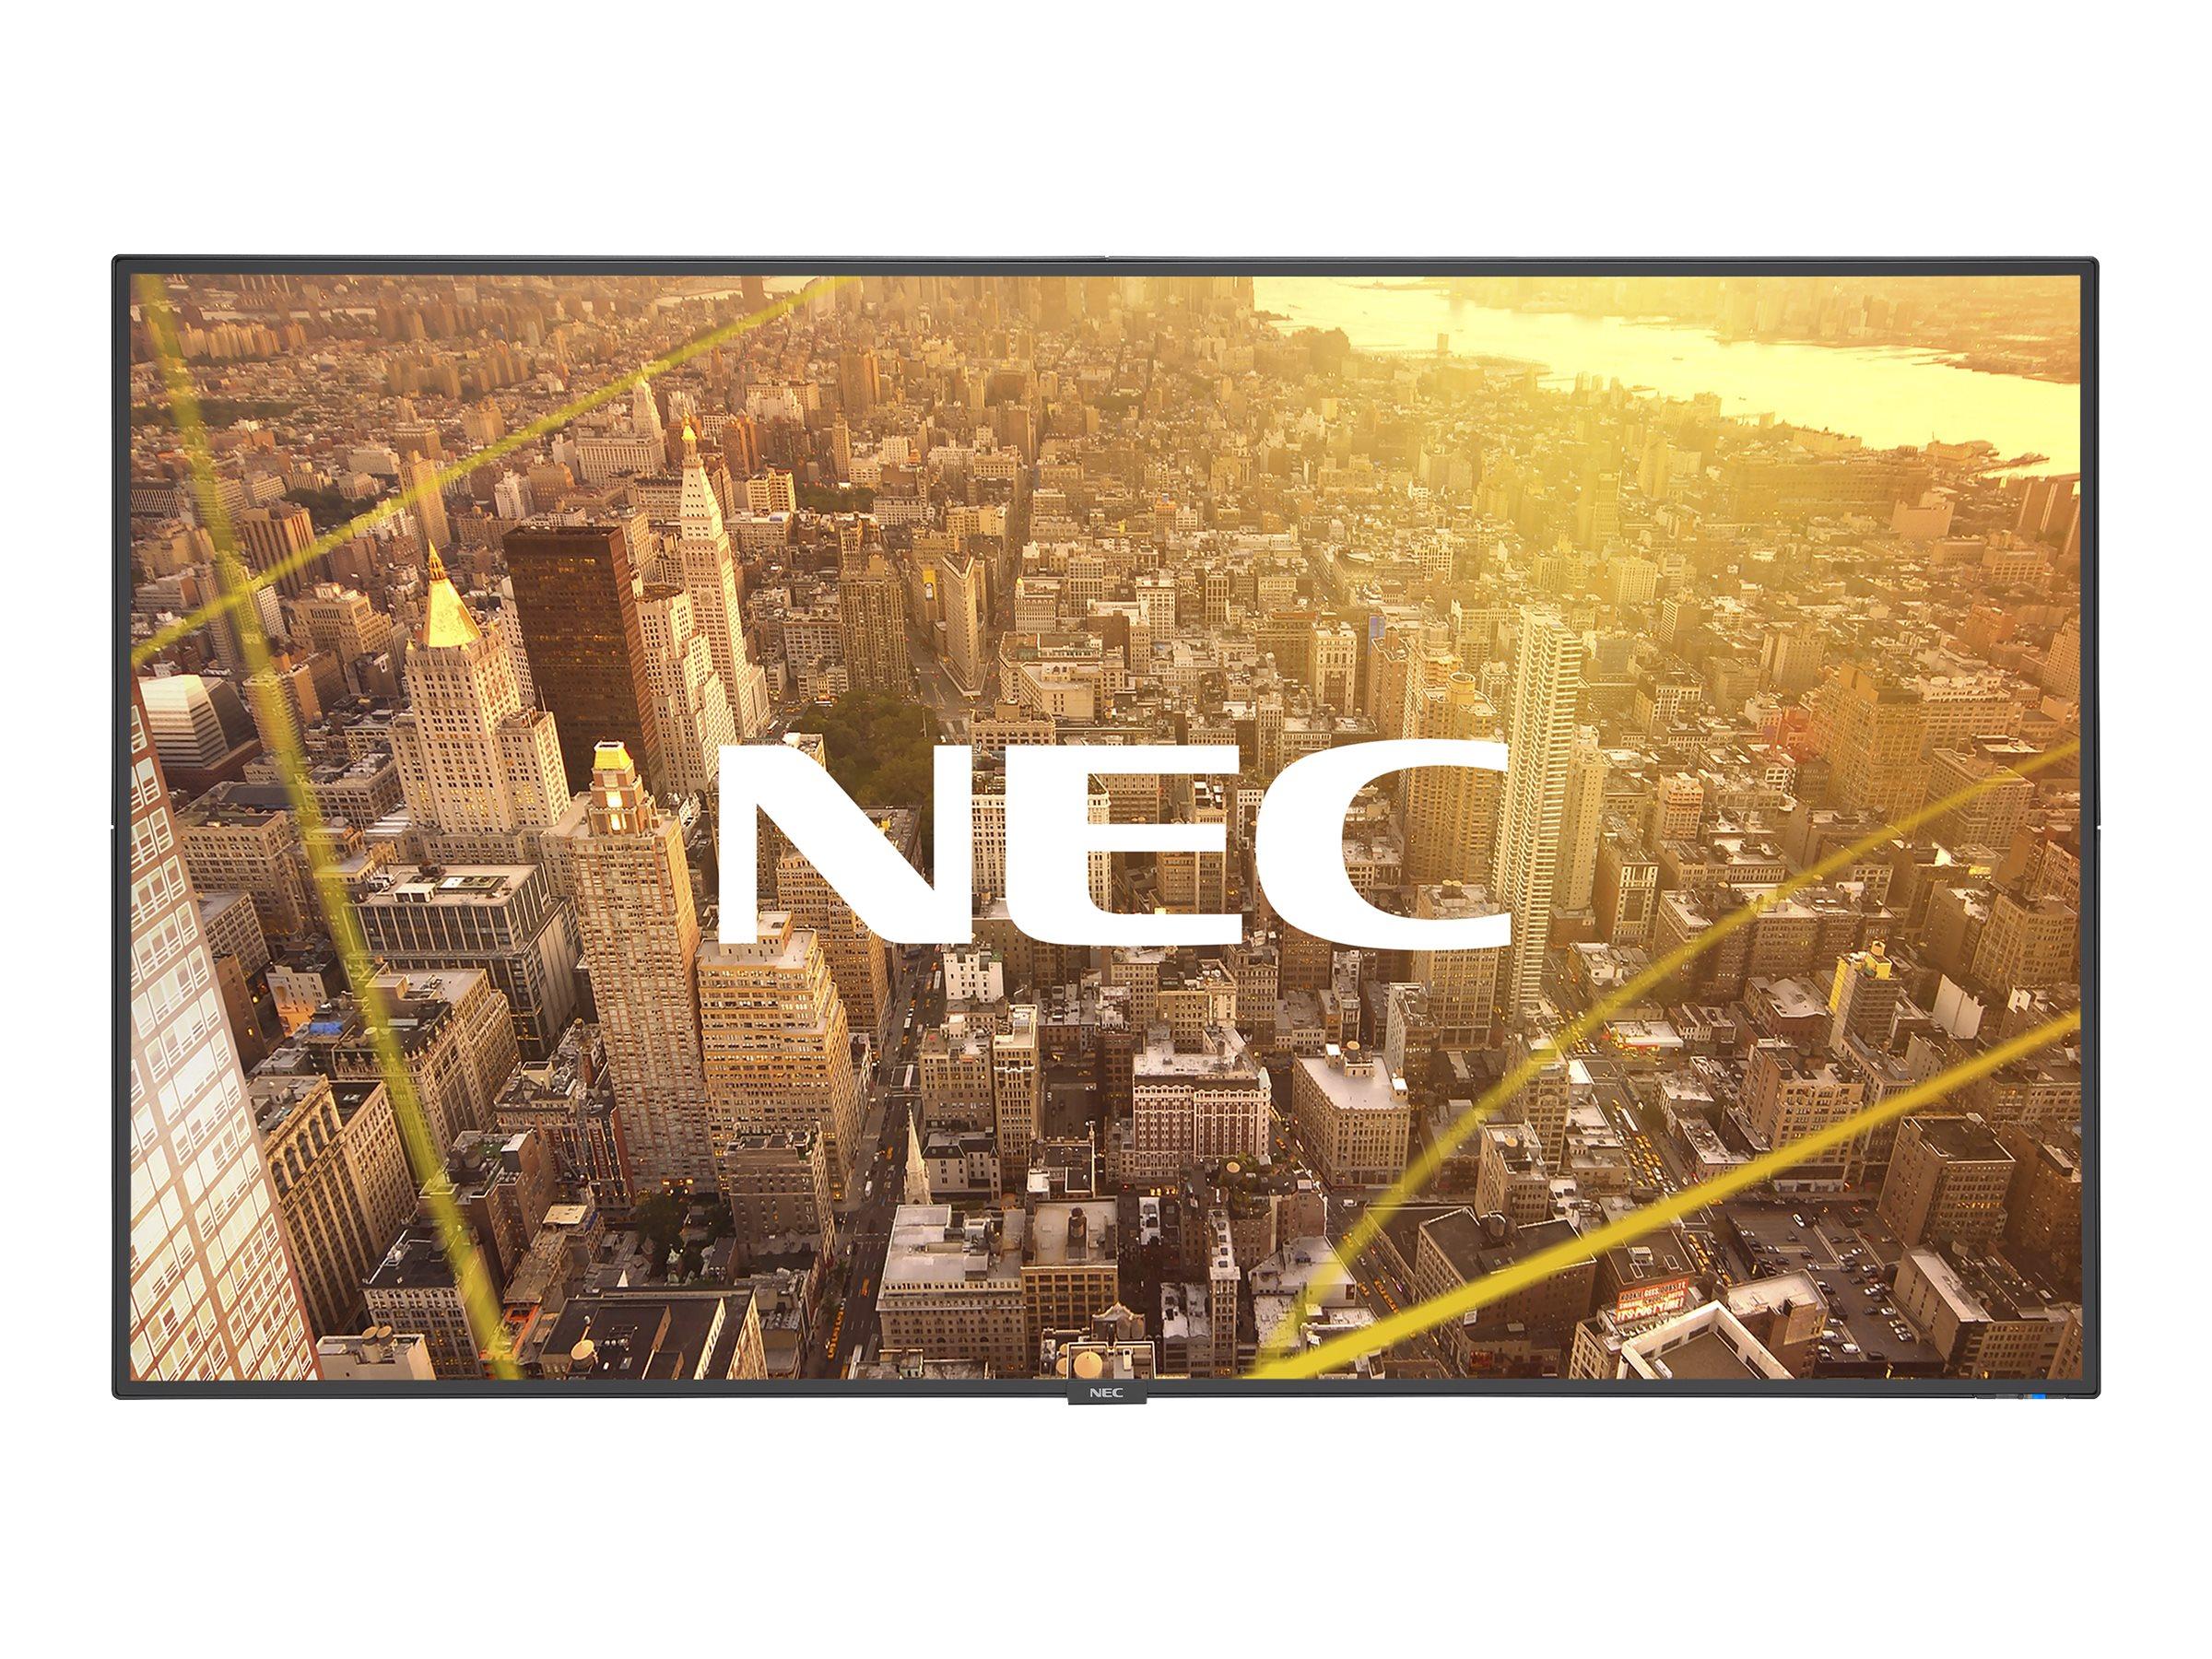 NEC MultiSync C501 - 125.7 cm (50